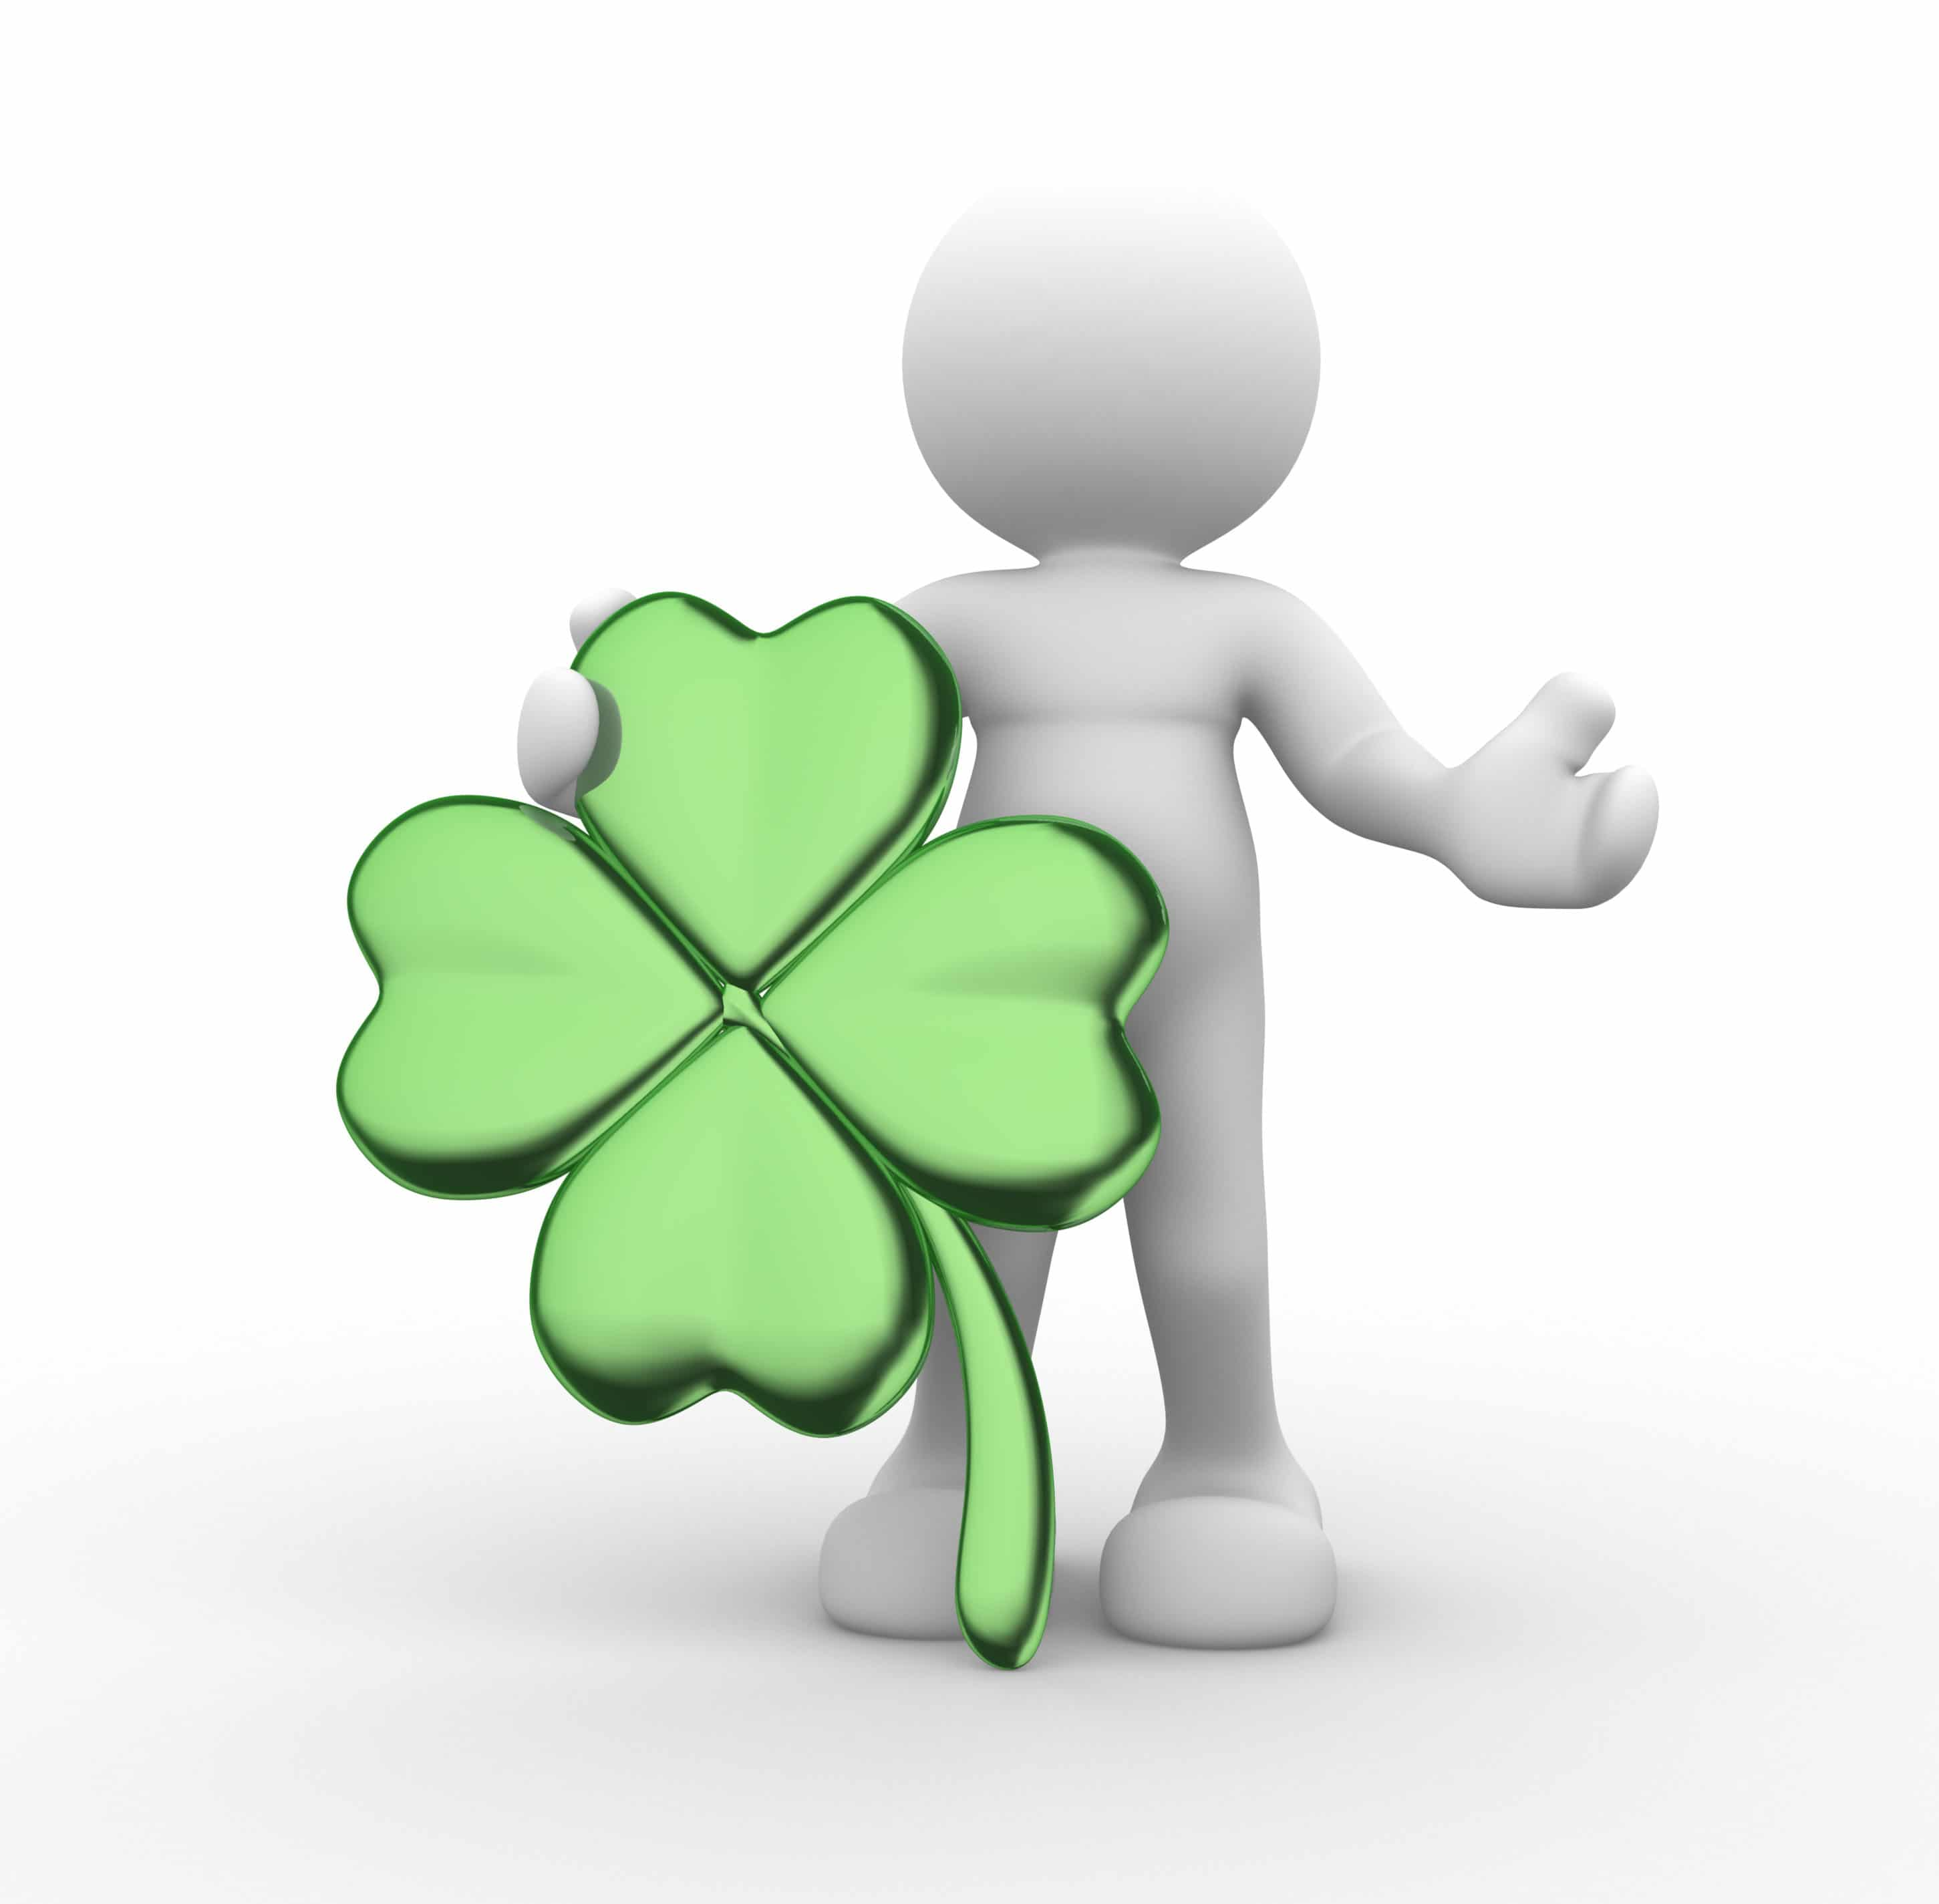 Заговоры на везение, успех и привлечение удачи